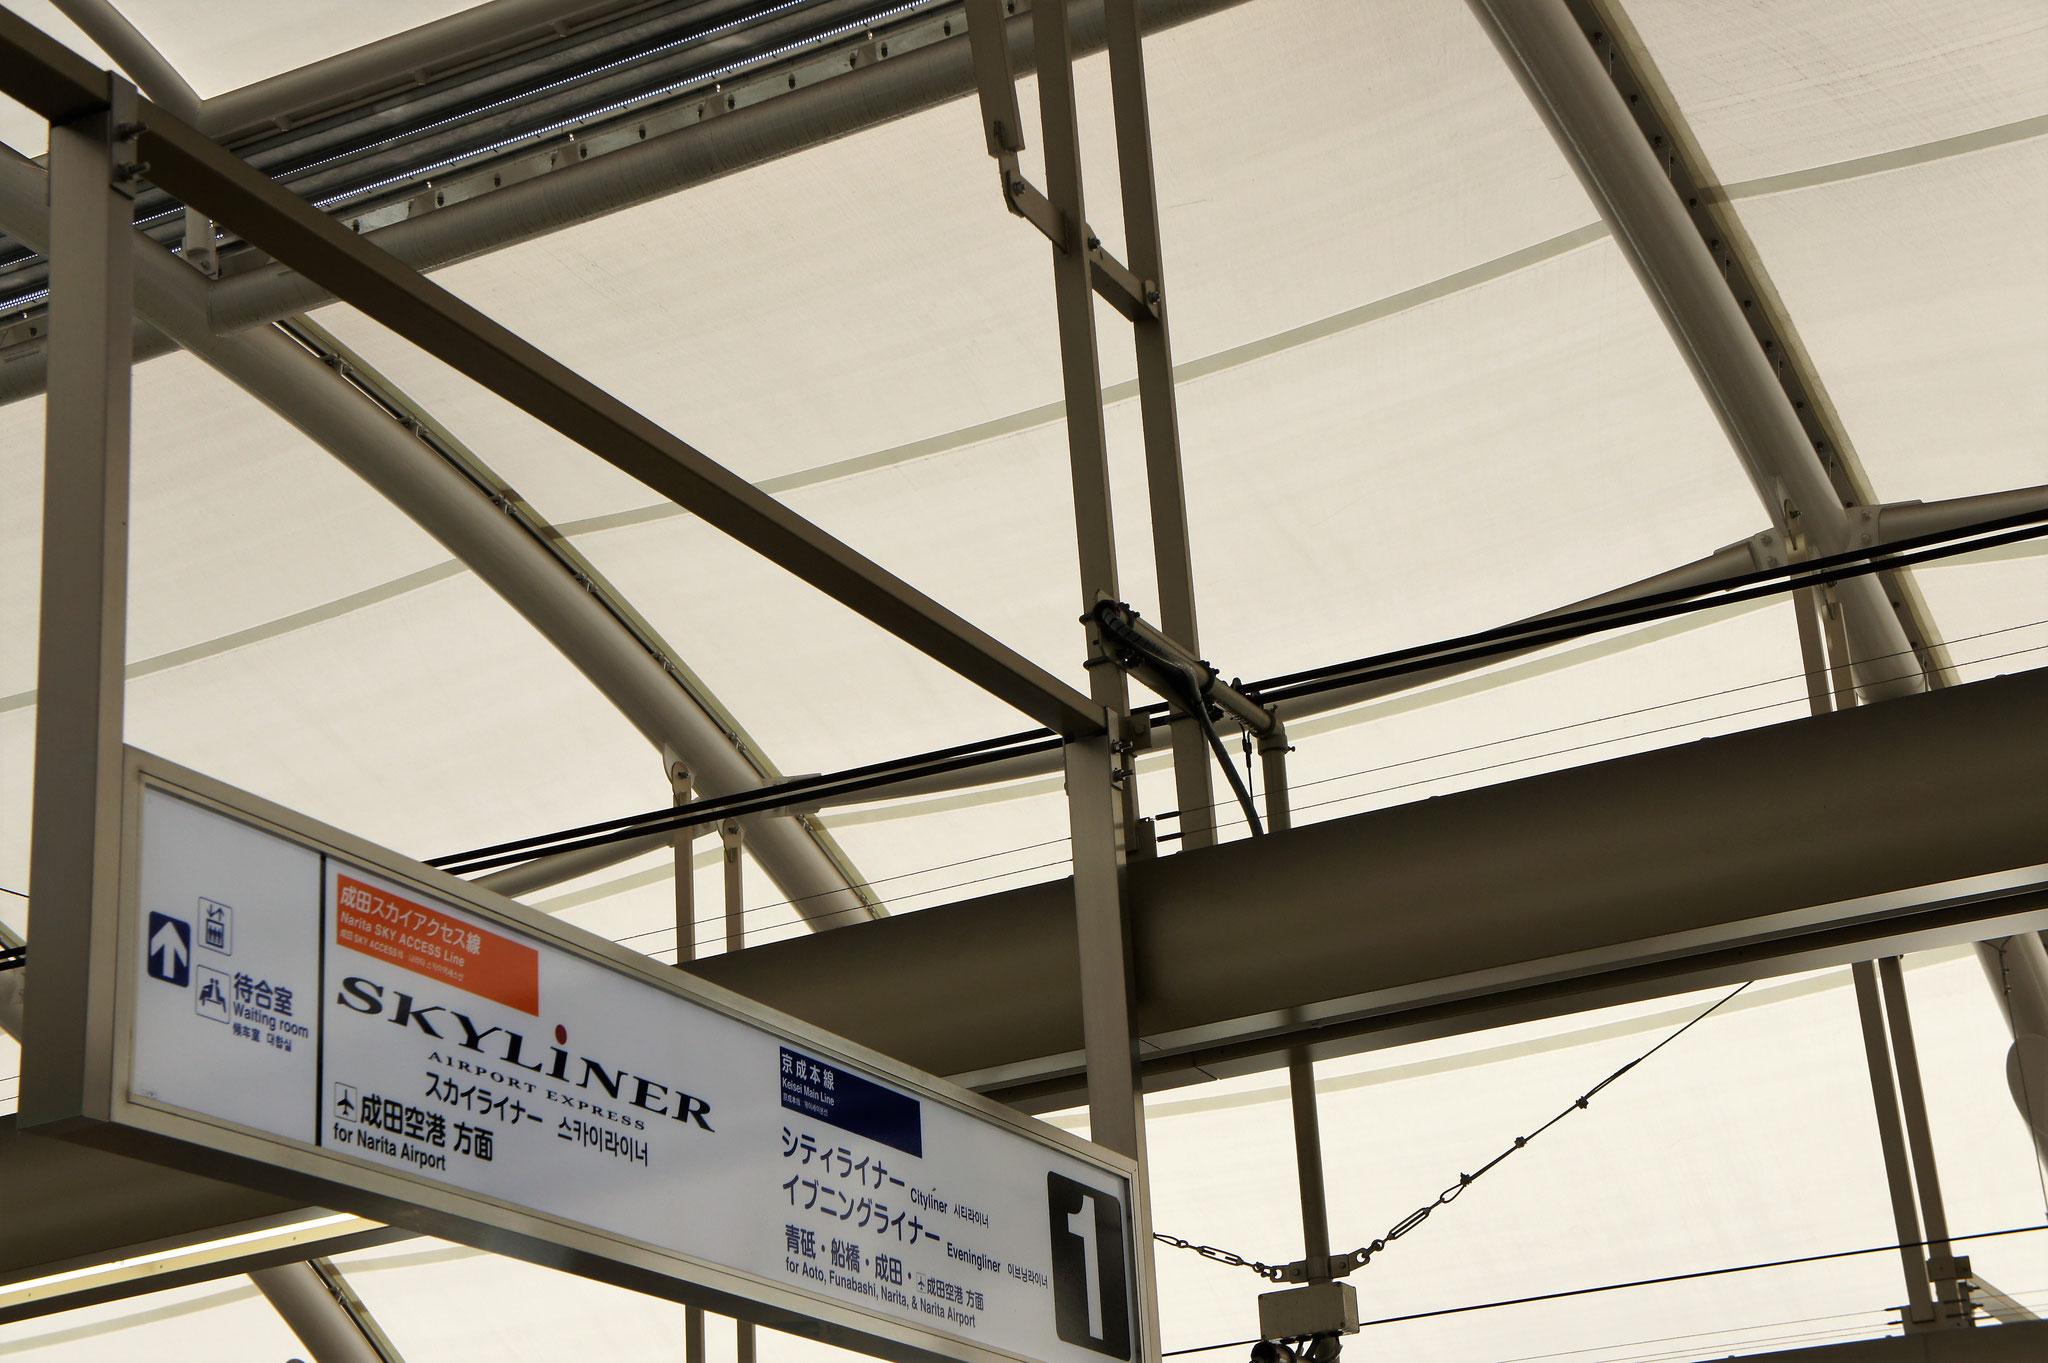 京成電鉄 日暮里駅  / 東京都荒川区/2008.8.1